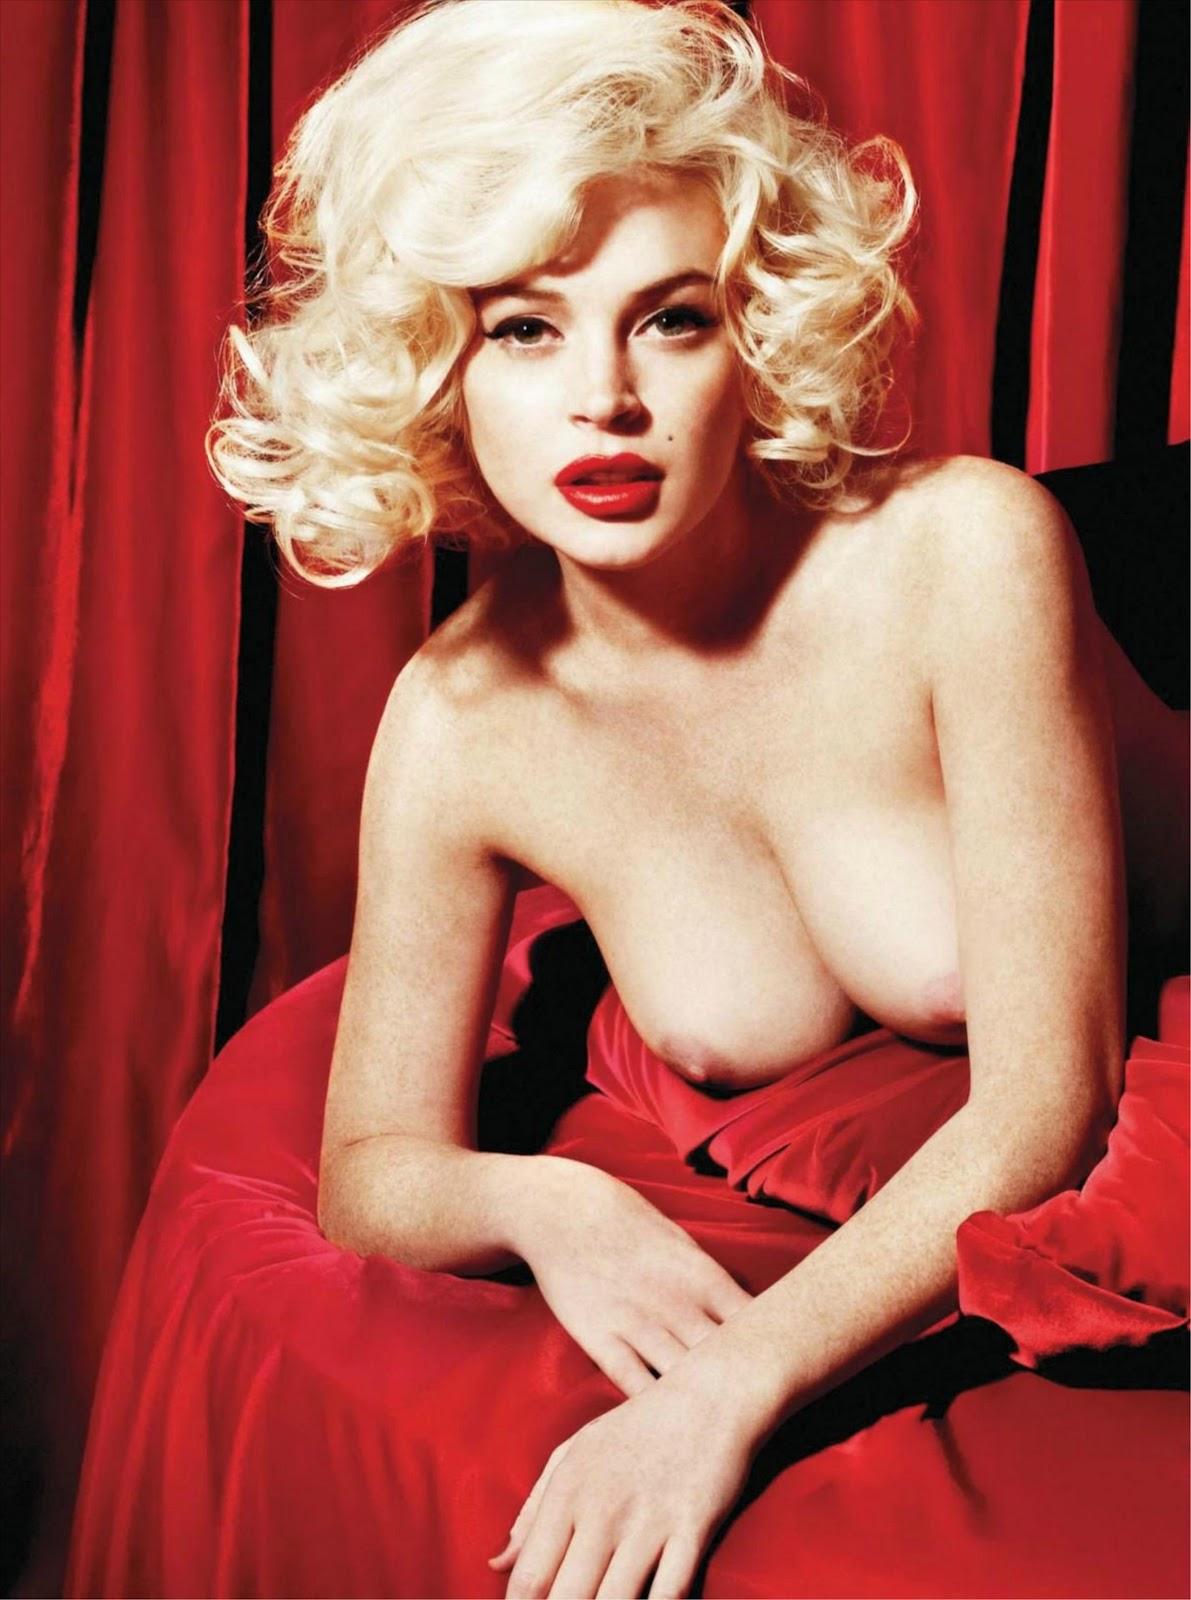 http://4.bp.blogspot.com/-PeKWhj3rxeY/UG9qLWSM3LI/AAAAAAAAXfs/bHppn3gOHUY/s1600/lindsay_lohan_playboy_nude_11.jpg